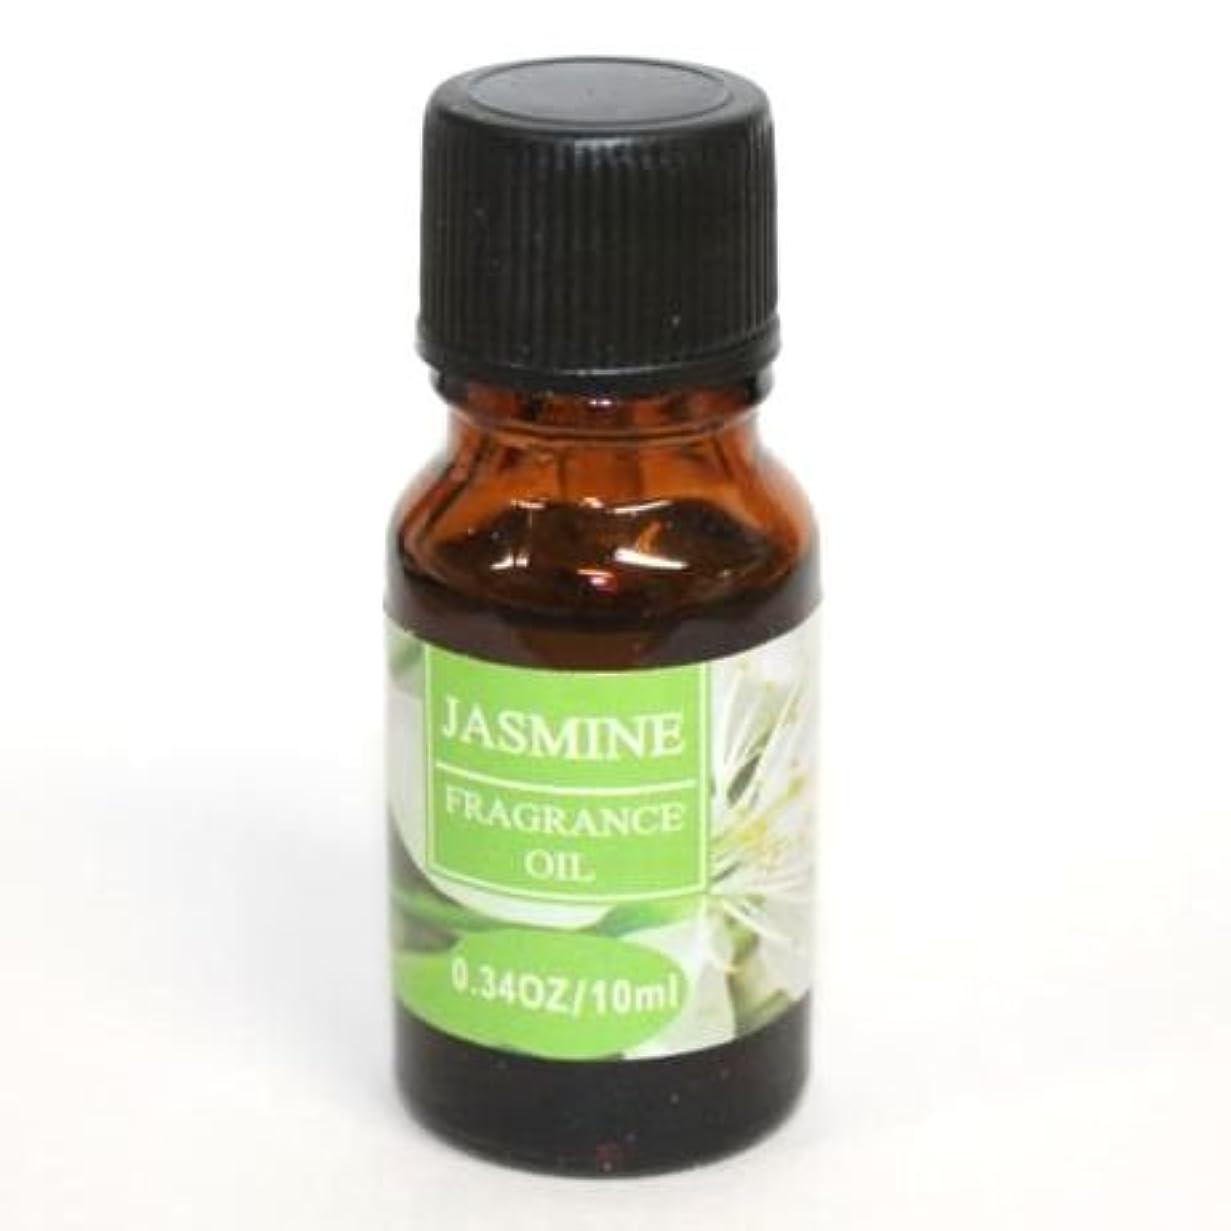 処方する上陸はっきりしないRELAXING アロマオイル フレグランスオイル JASMINE ジャスミンの香り RQ-06